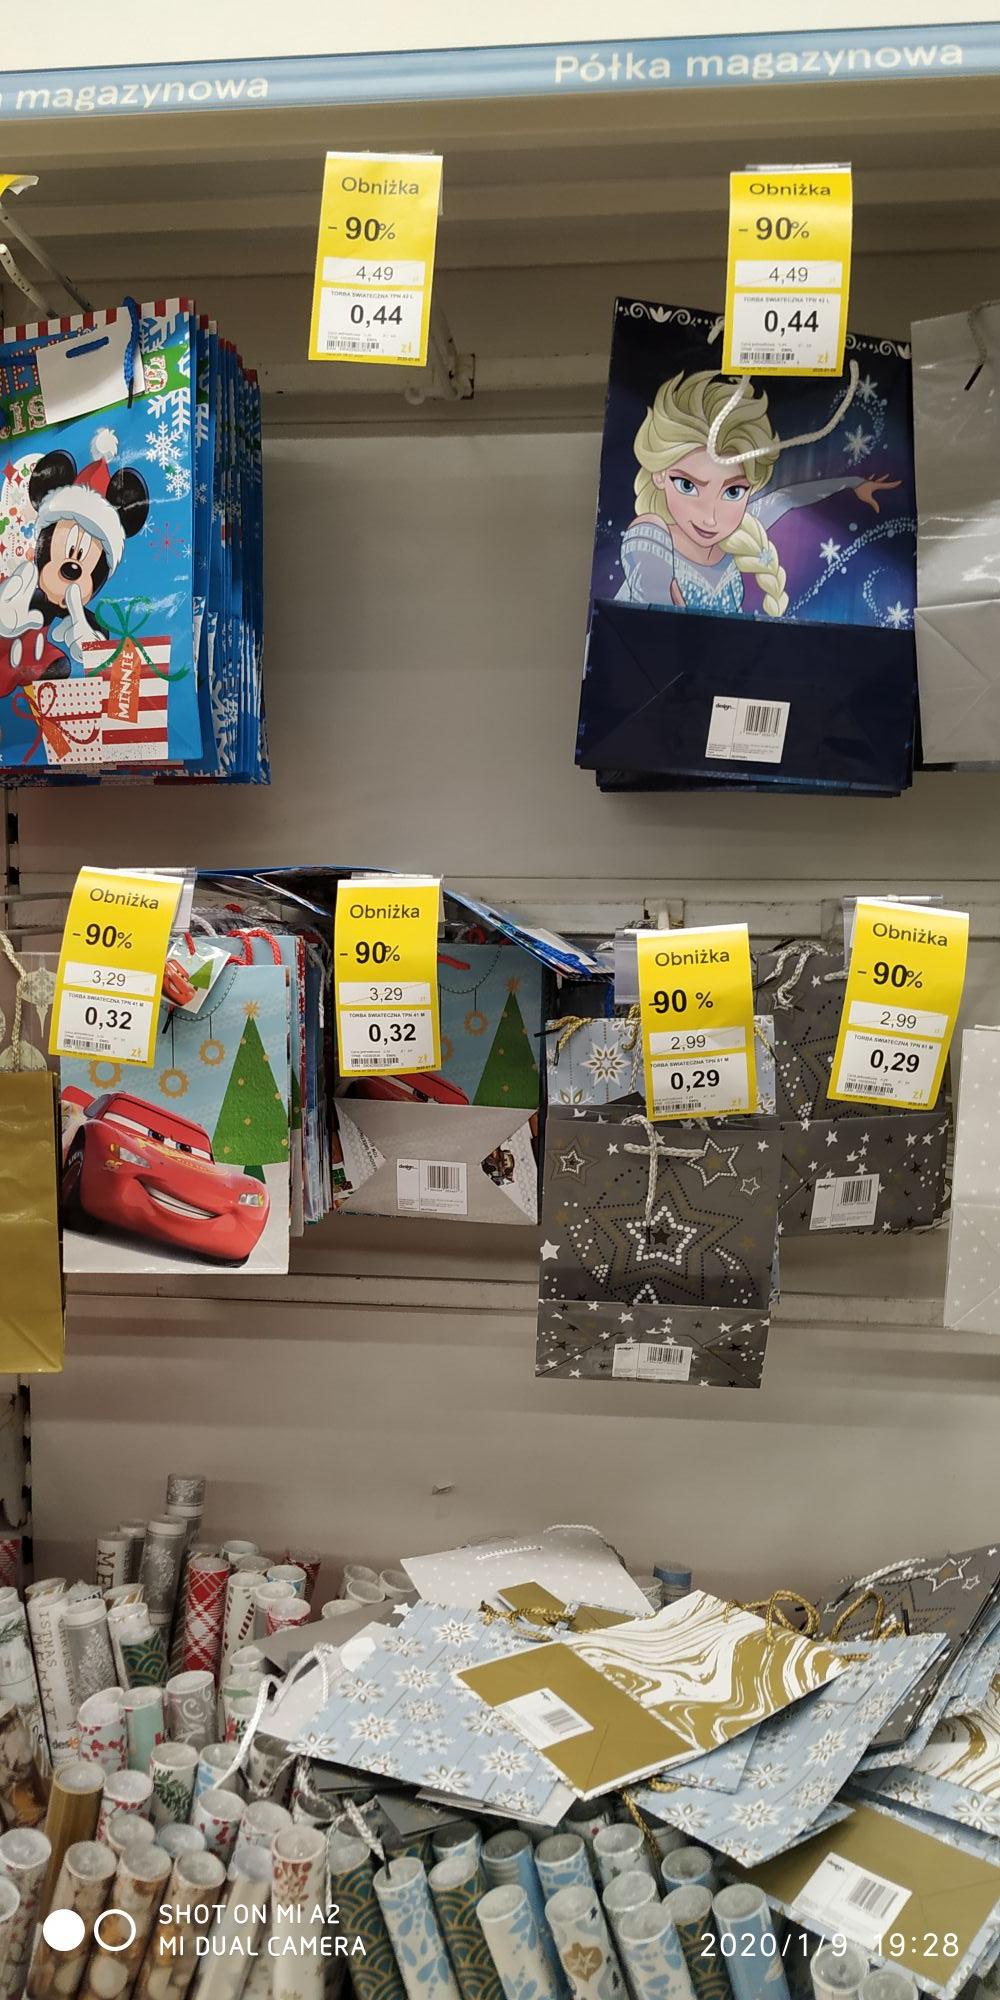 Tesco - 90% papier do pakowania, torebki świąteczne i ozdoby świąteczne.